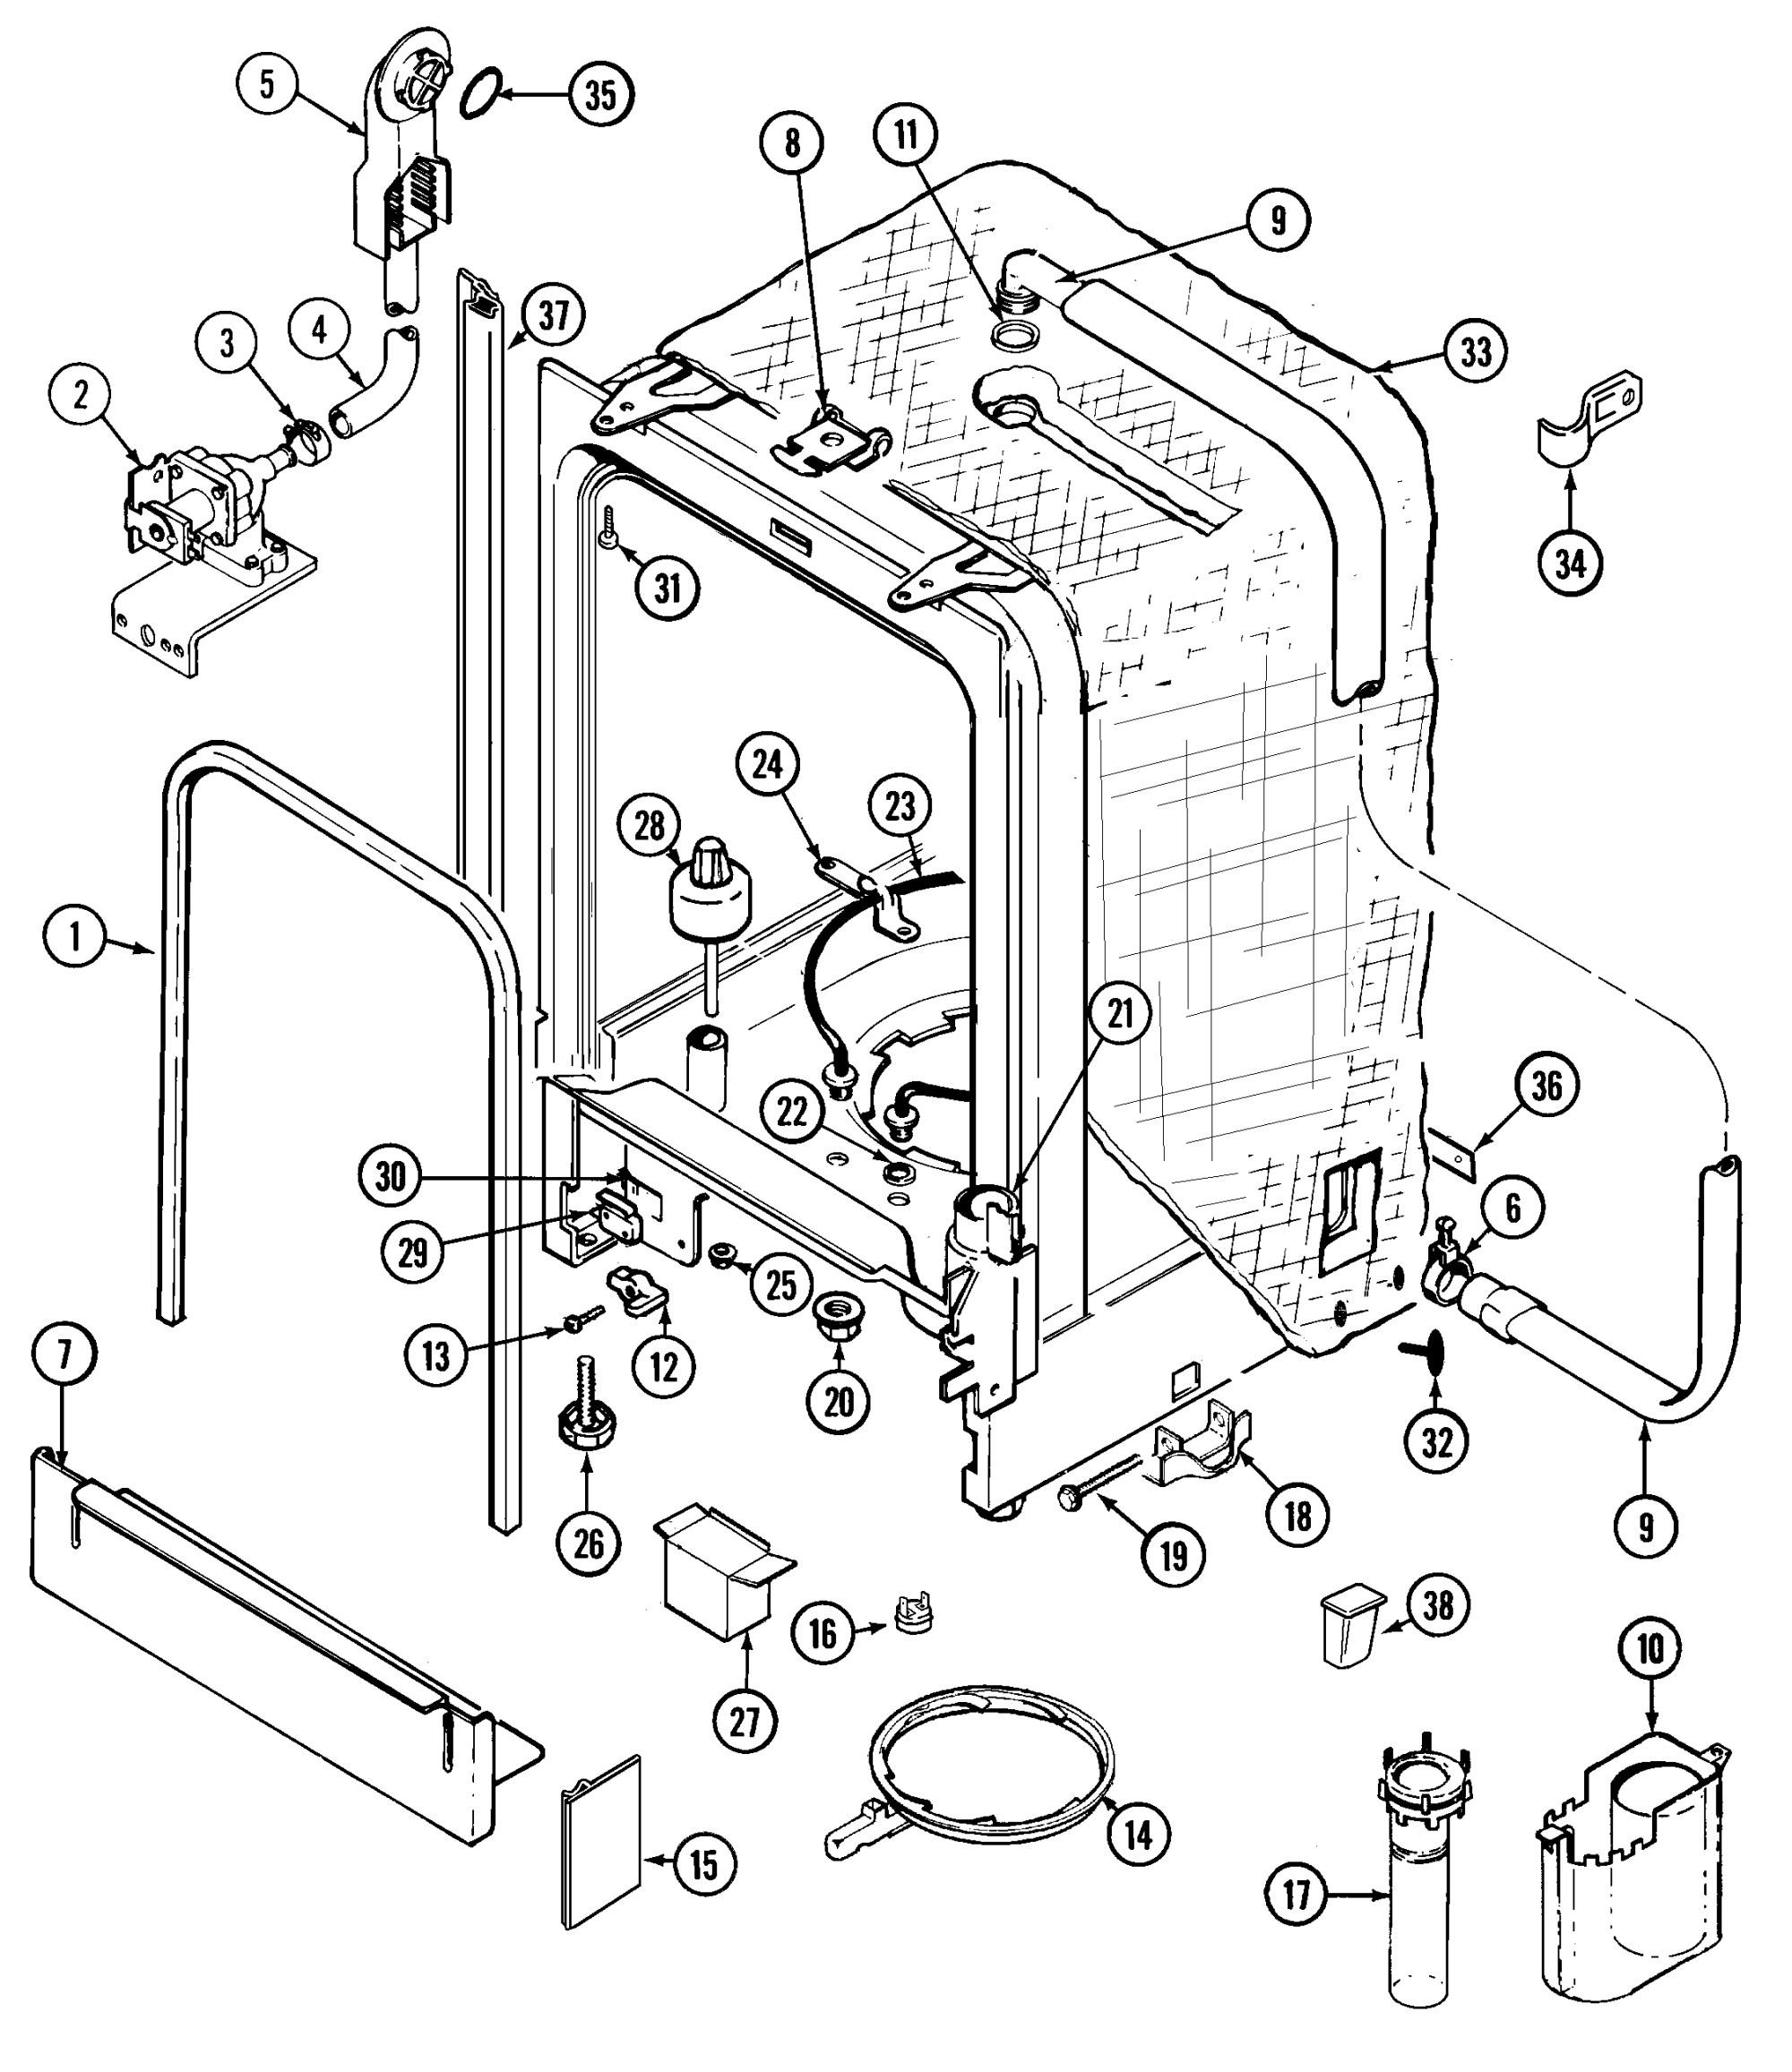 hight resolution of schematics dishwasher wiring whirlpool dul300tkqo wiring diagram whirlpool dishwasher control board schematic whirlpool dishwasher schematic